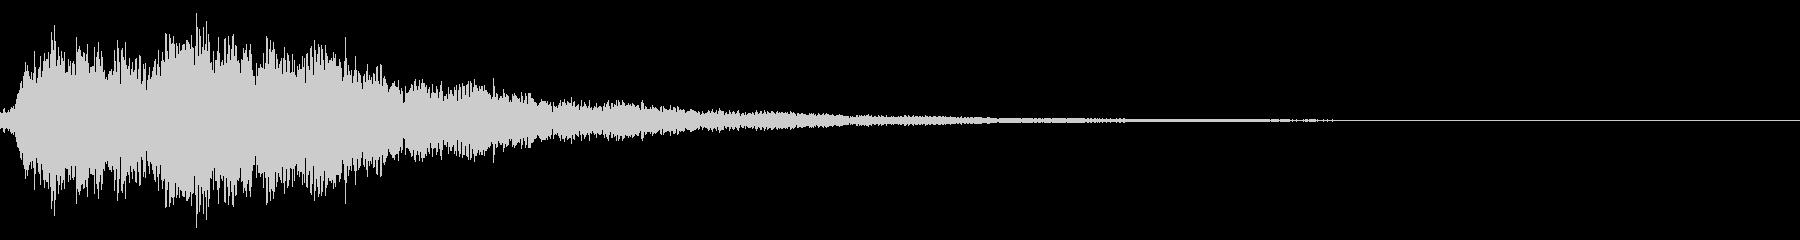 ワープ・瞬間移動・電子音・テレポートの未再生の波形